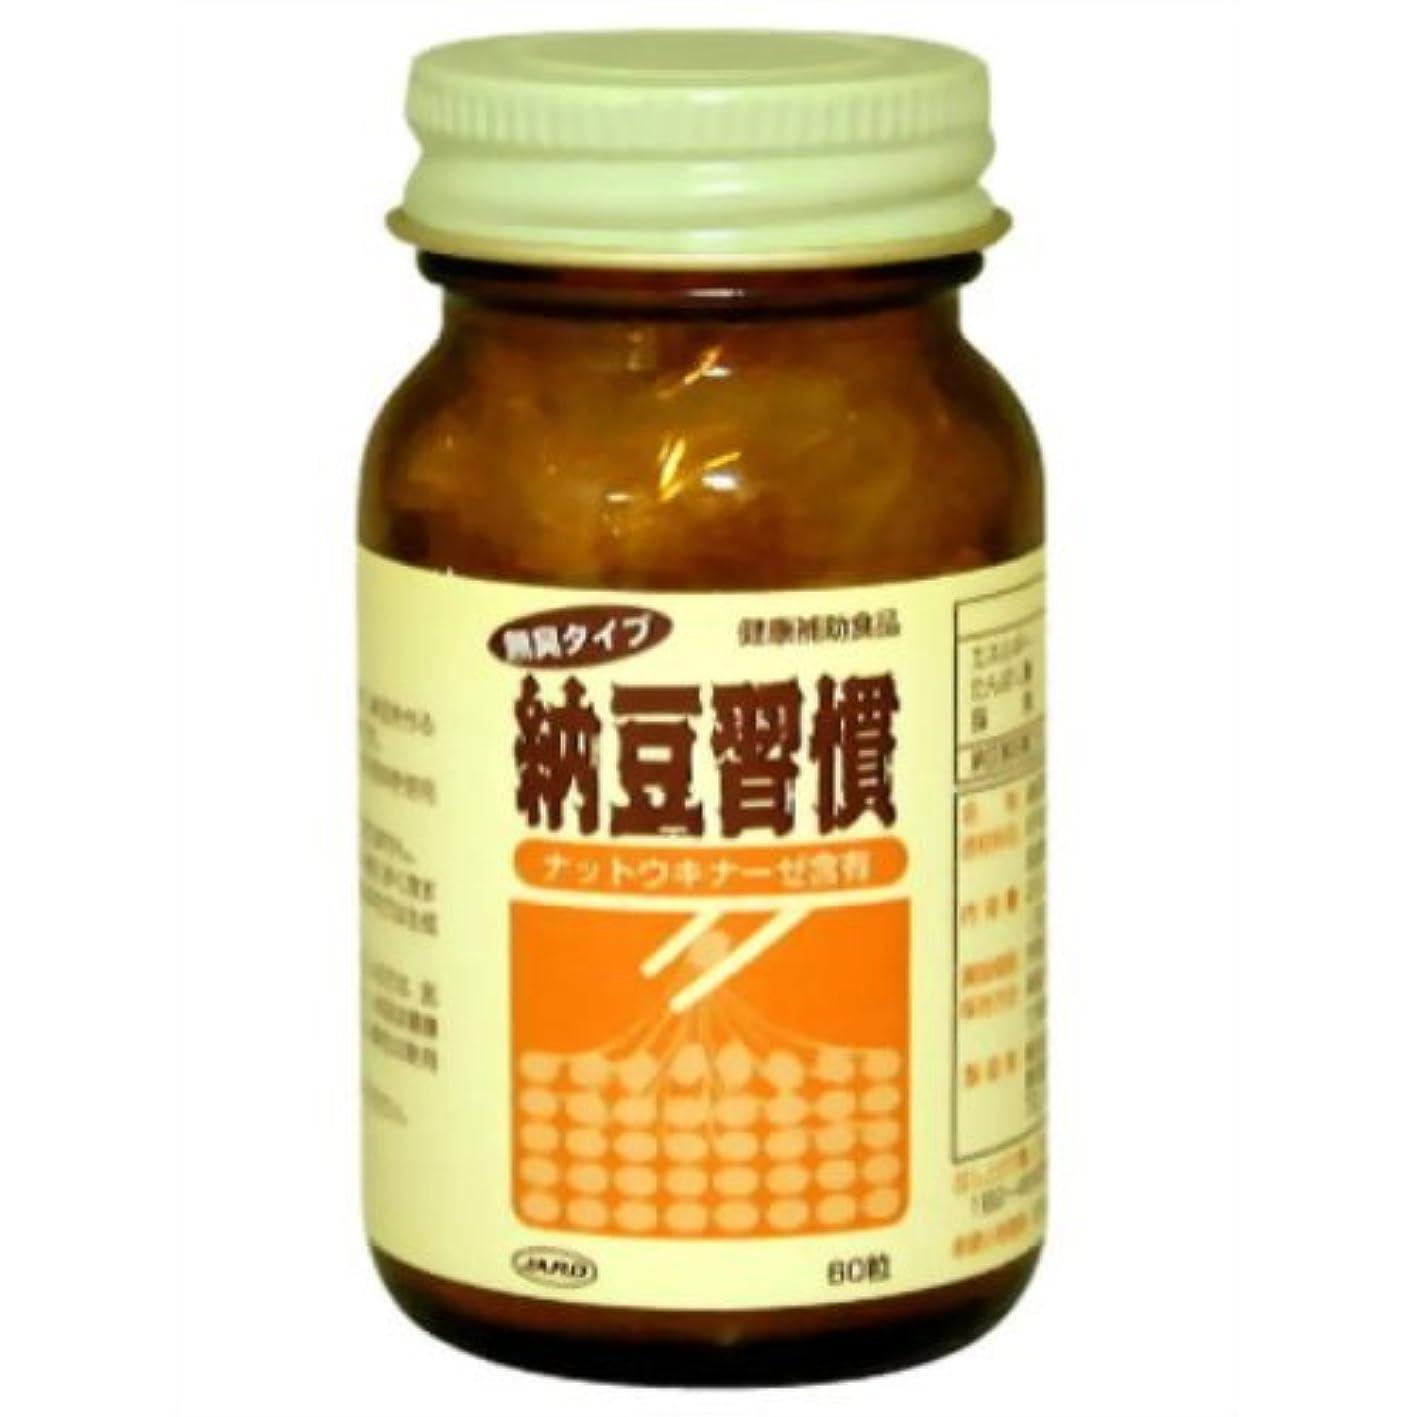 タイプライター有限羽納豆習慣 ナットウキナーゼ含有